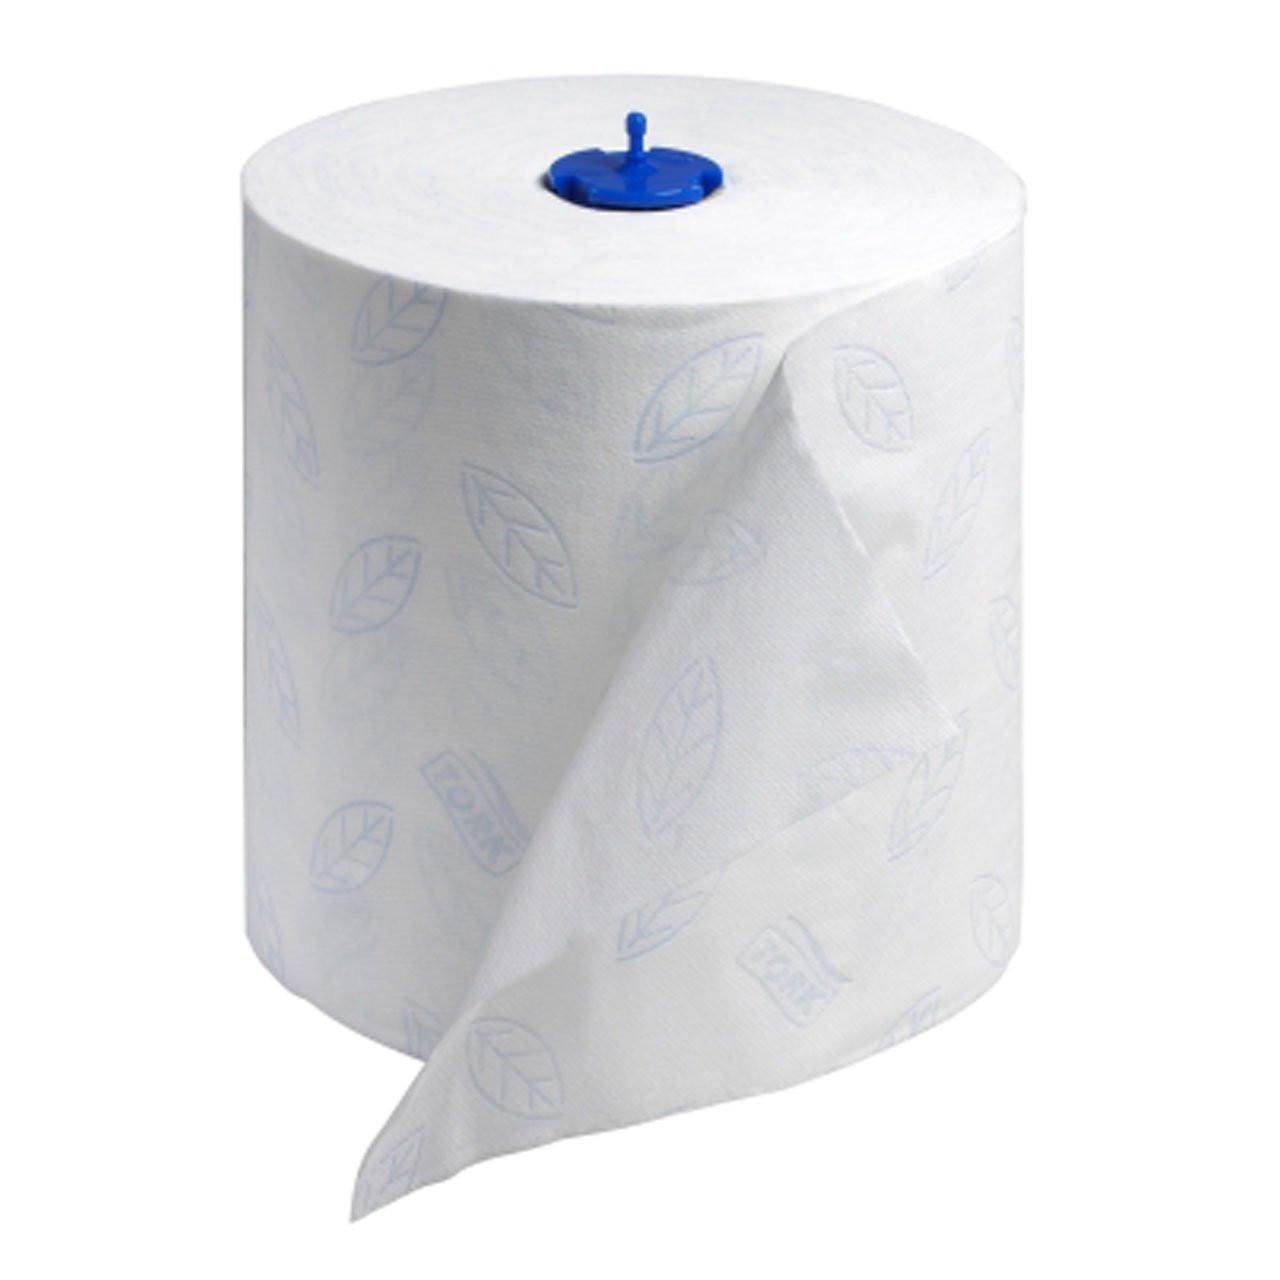 Tork Premium Hardwound Roll Towel Embossed 6 Per Case